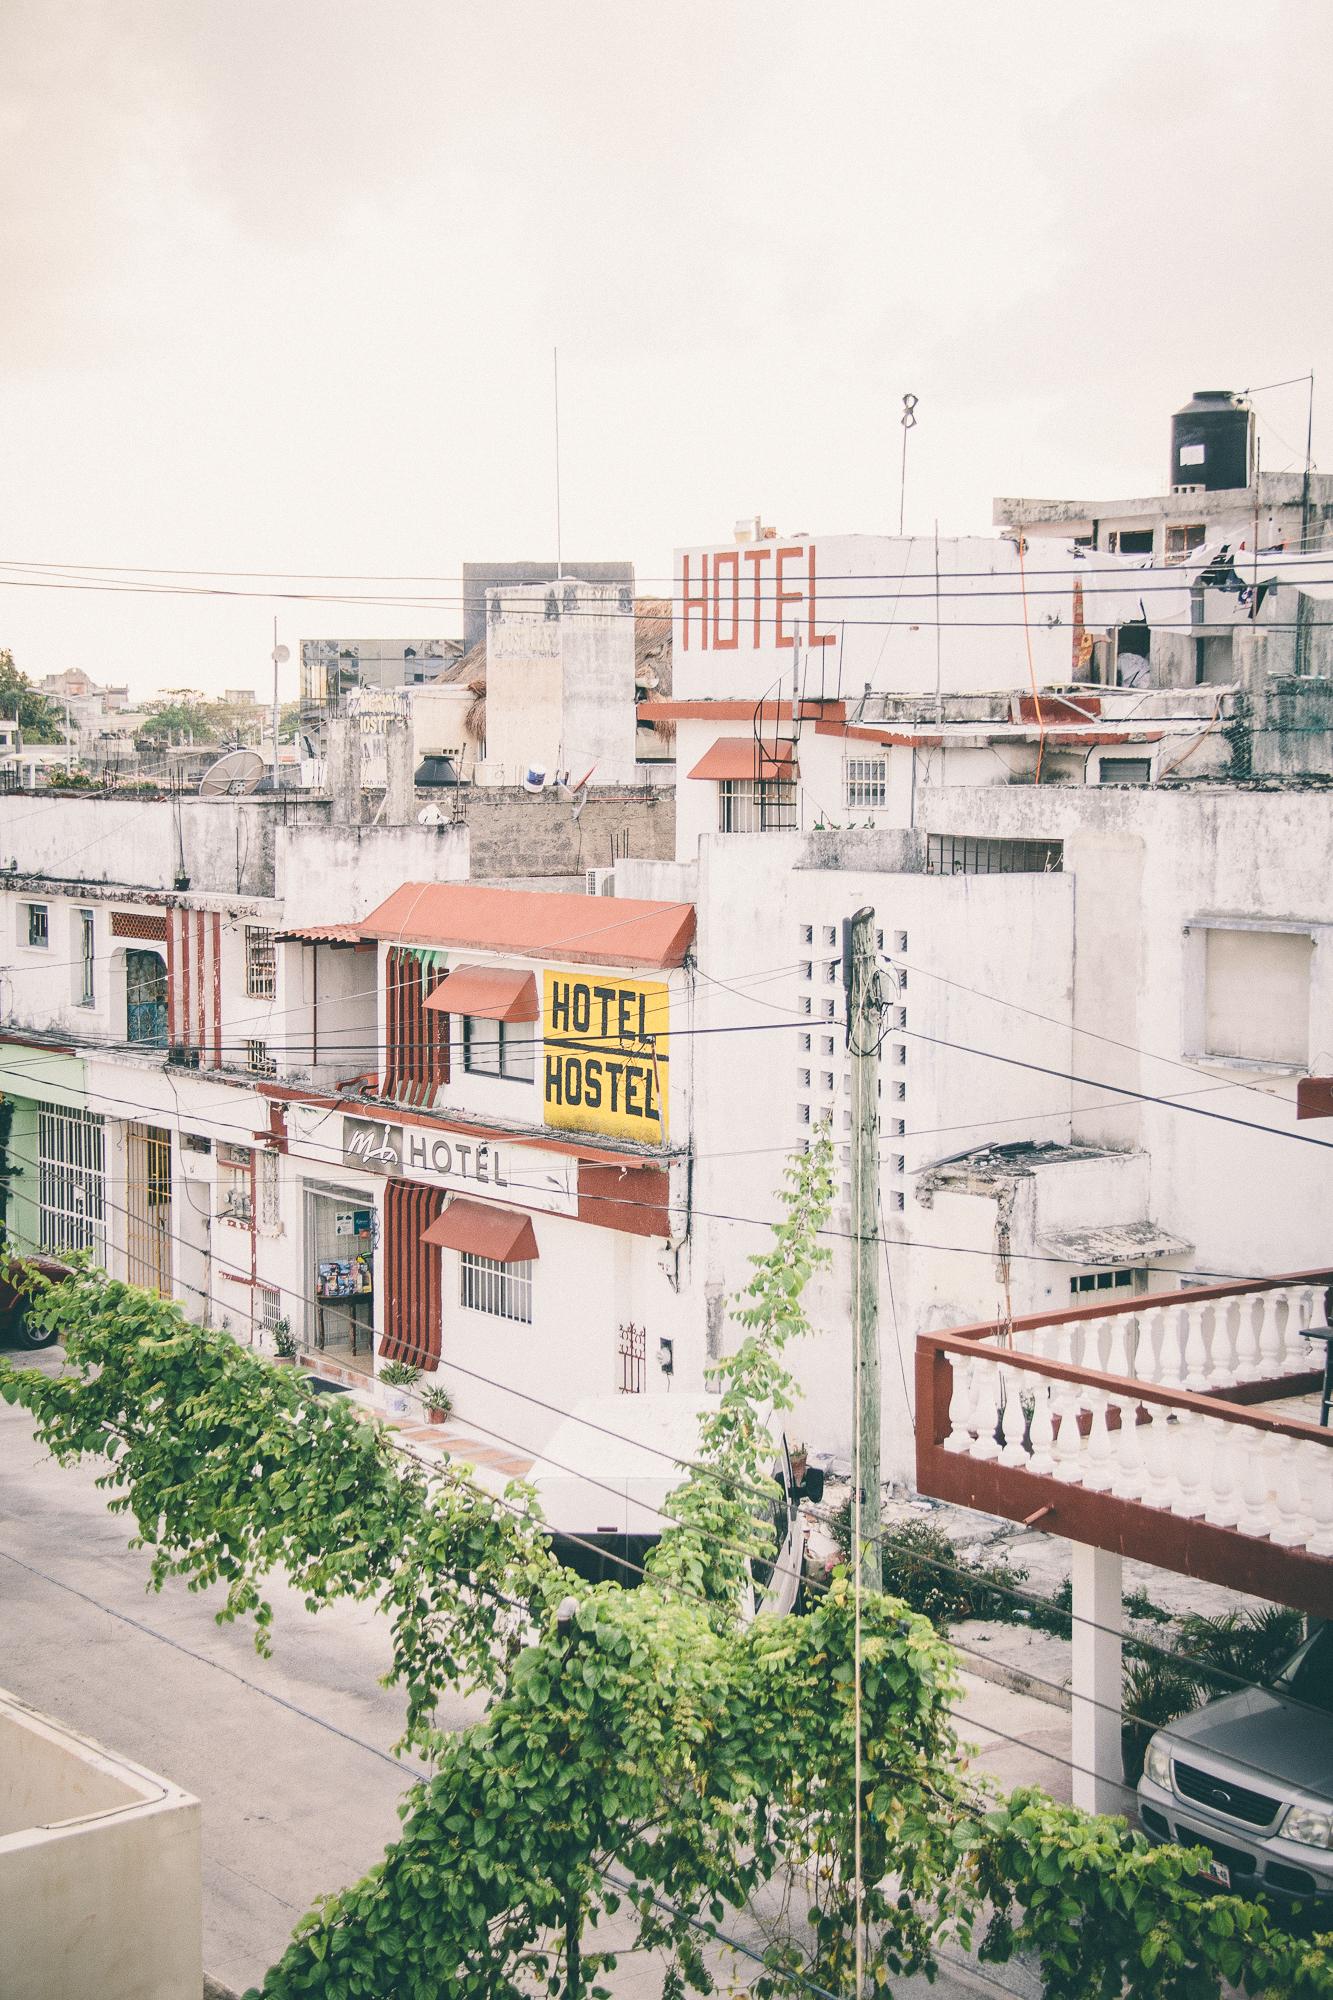 MP_16.04.08-13_Cancun Mexico-0693.jpg